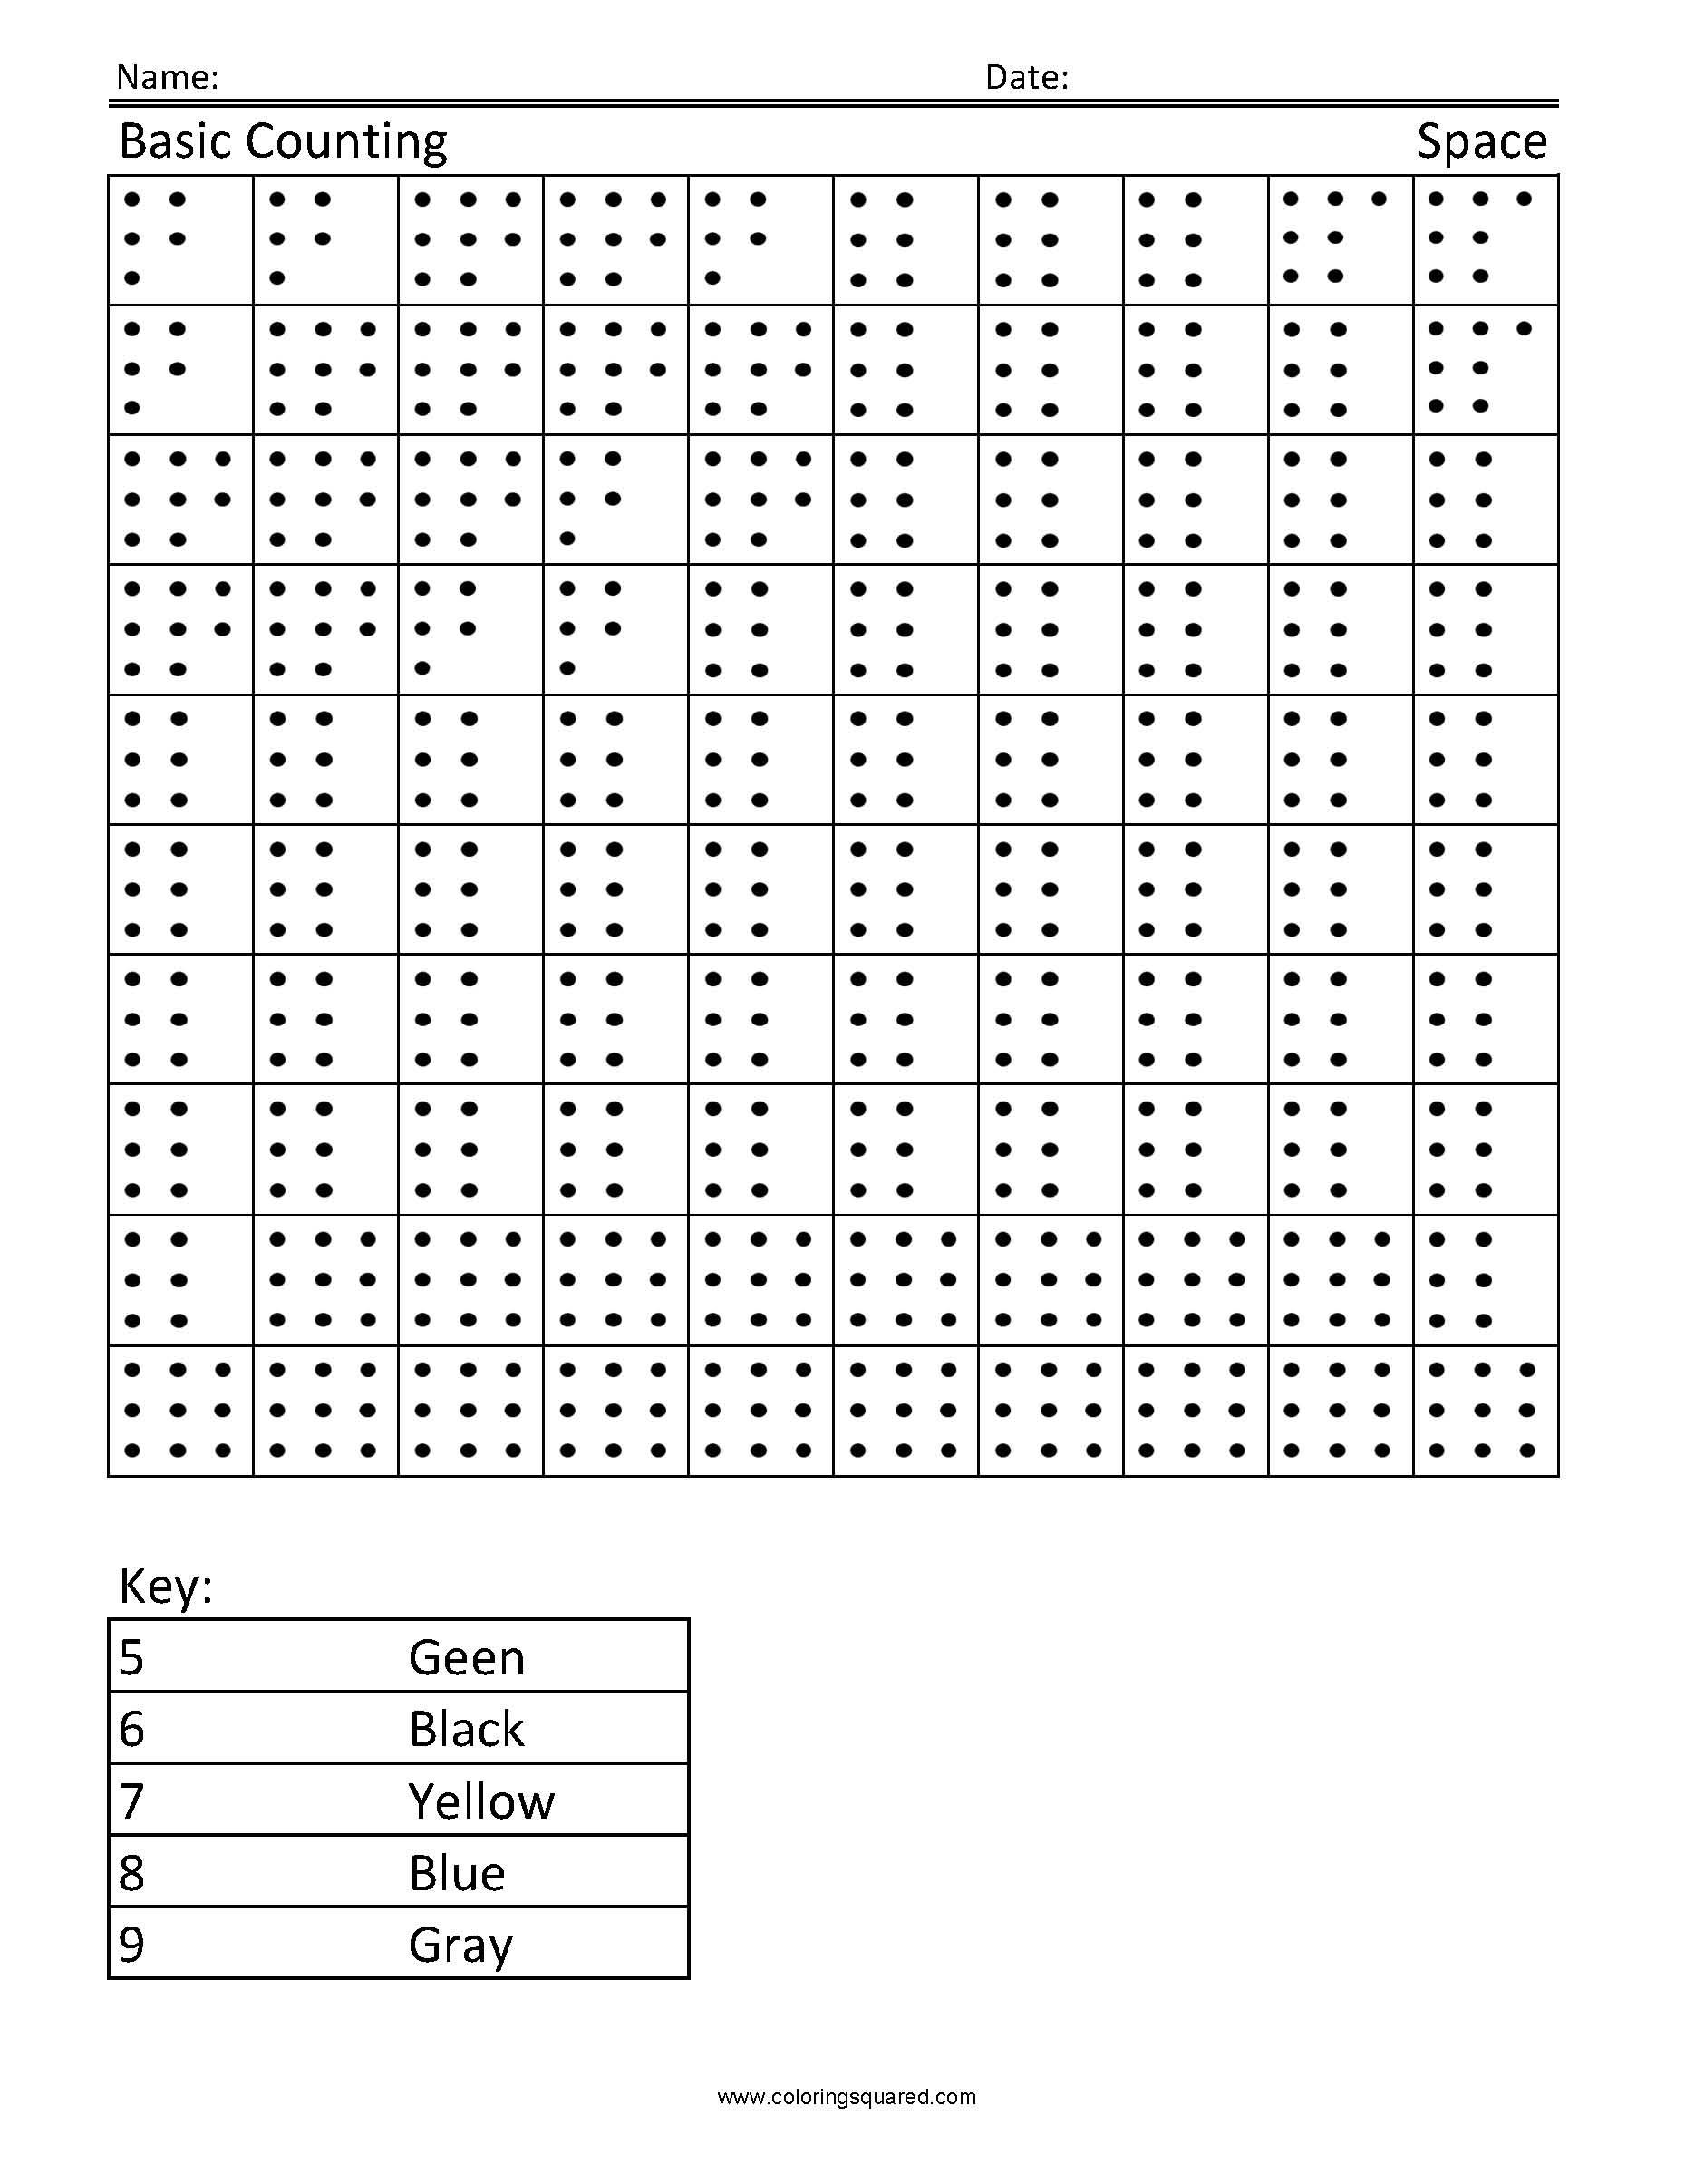 Spongebob Counting Worksheet